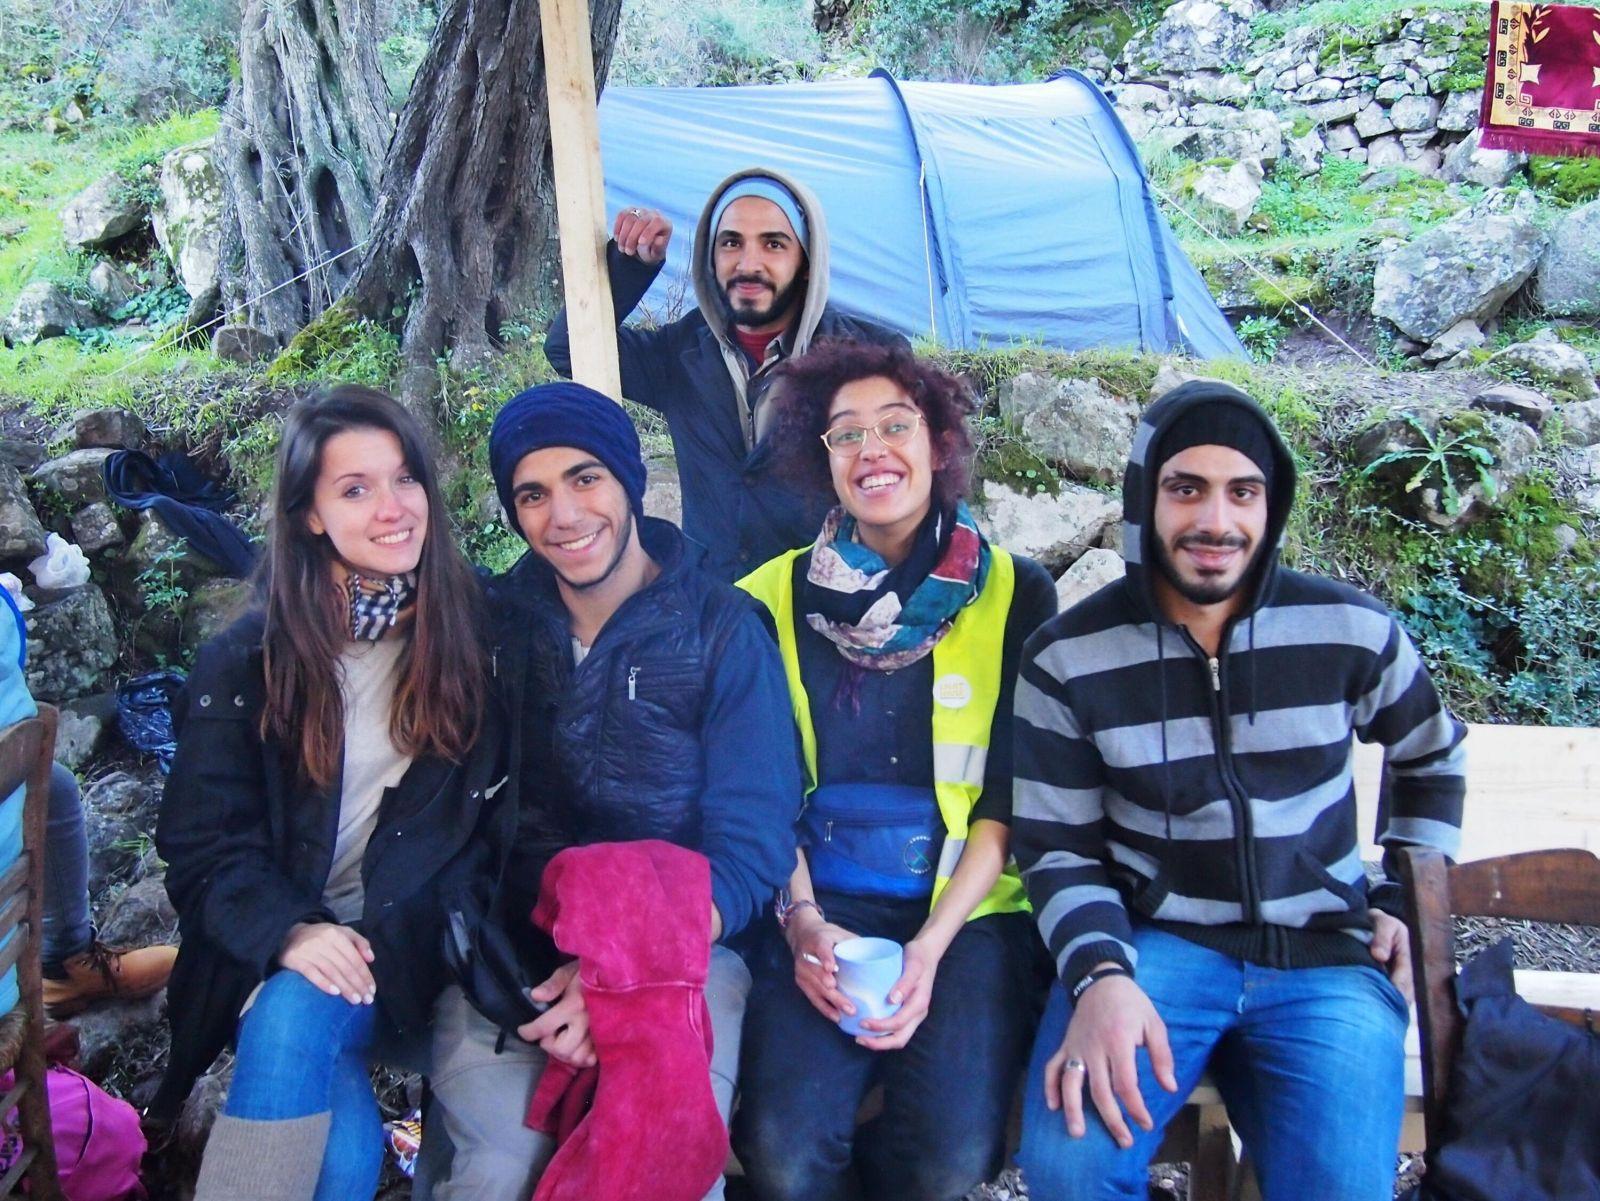 Petra si do bytu nasťahovala 7-člennú rodinu zo Sýrie. Pomáhať utečencom neprestala, aj keď sa jej vyhrážali anarchisti (Rozhovor)